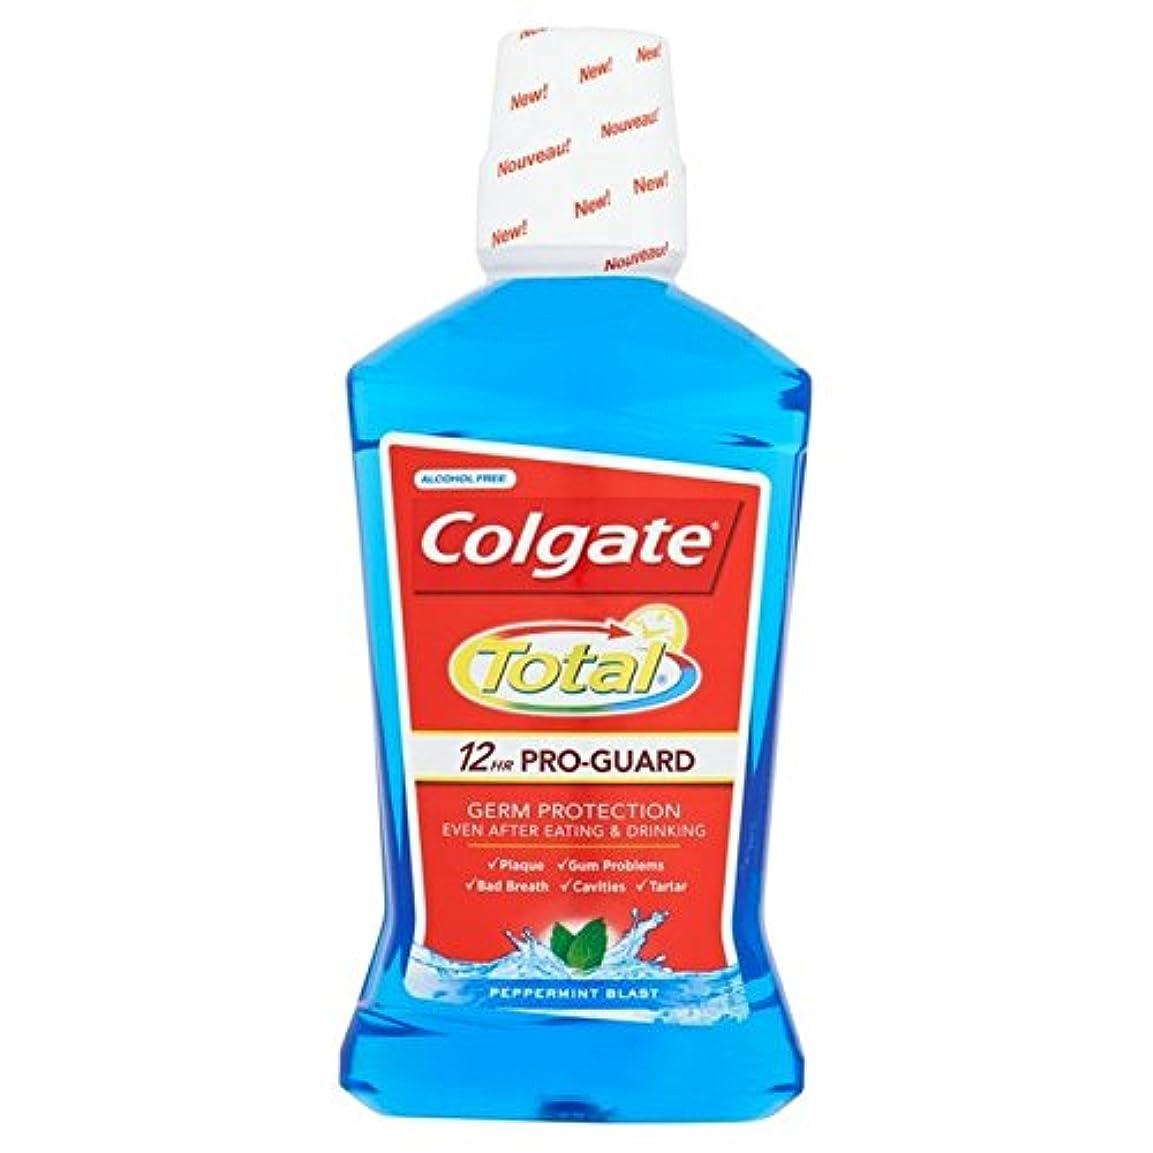 有罪脇にイライラするコルゲートトータル高度なブルーマウスウォッシュ500ミリリットル x2 - Colgate Total Advanced Blue Mouthwash 500ml (Pack of 2) [並行輸入品]